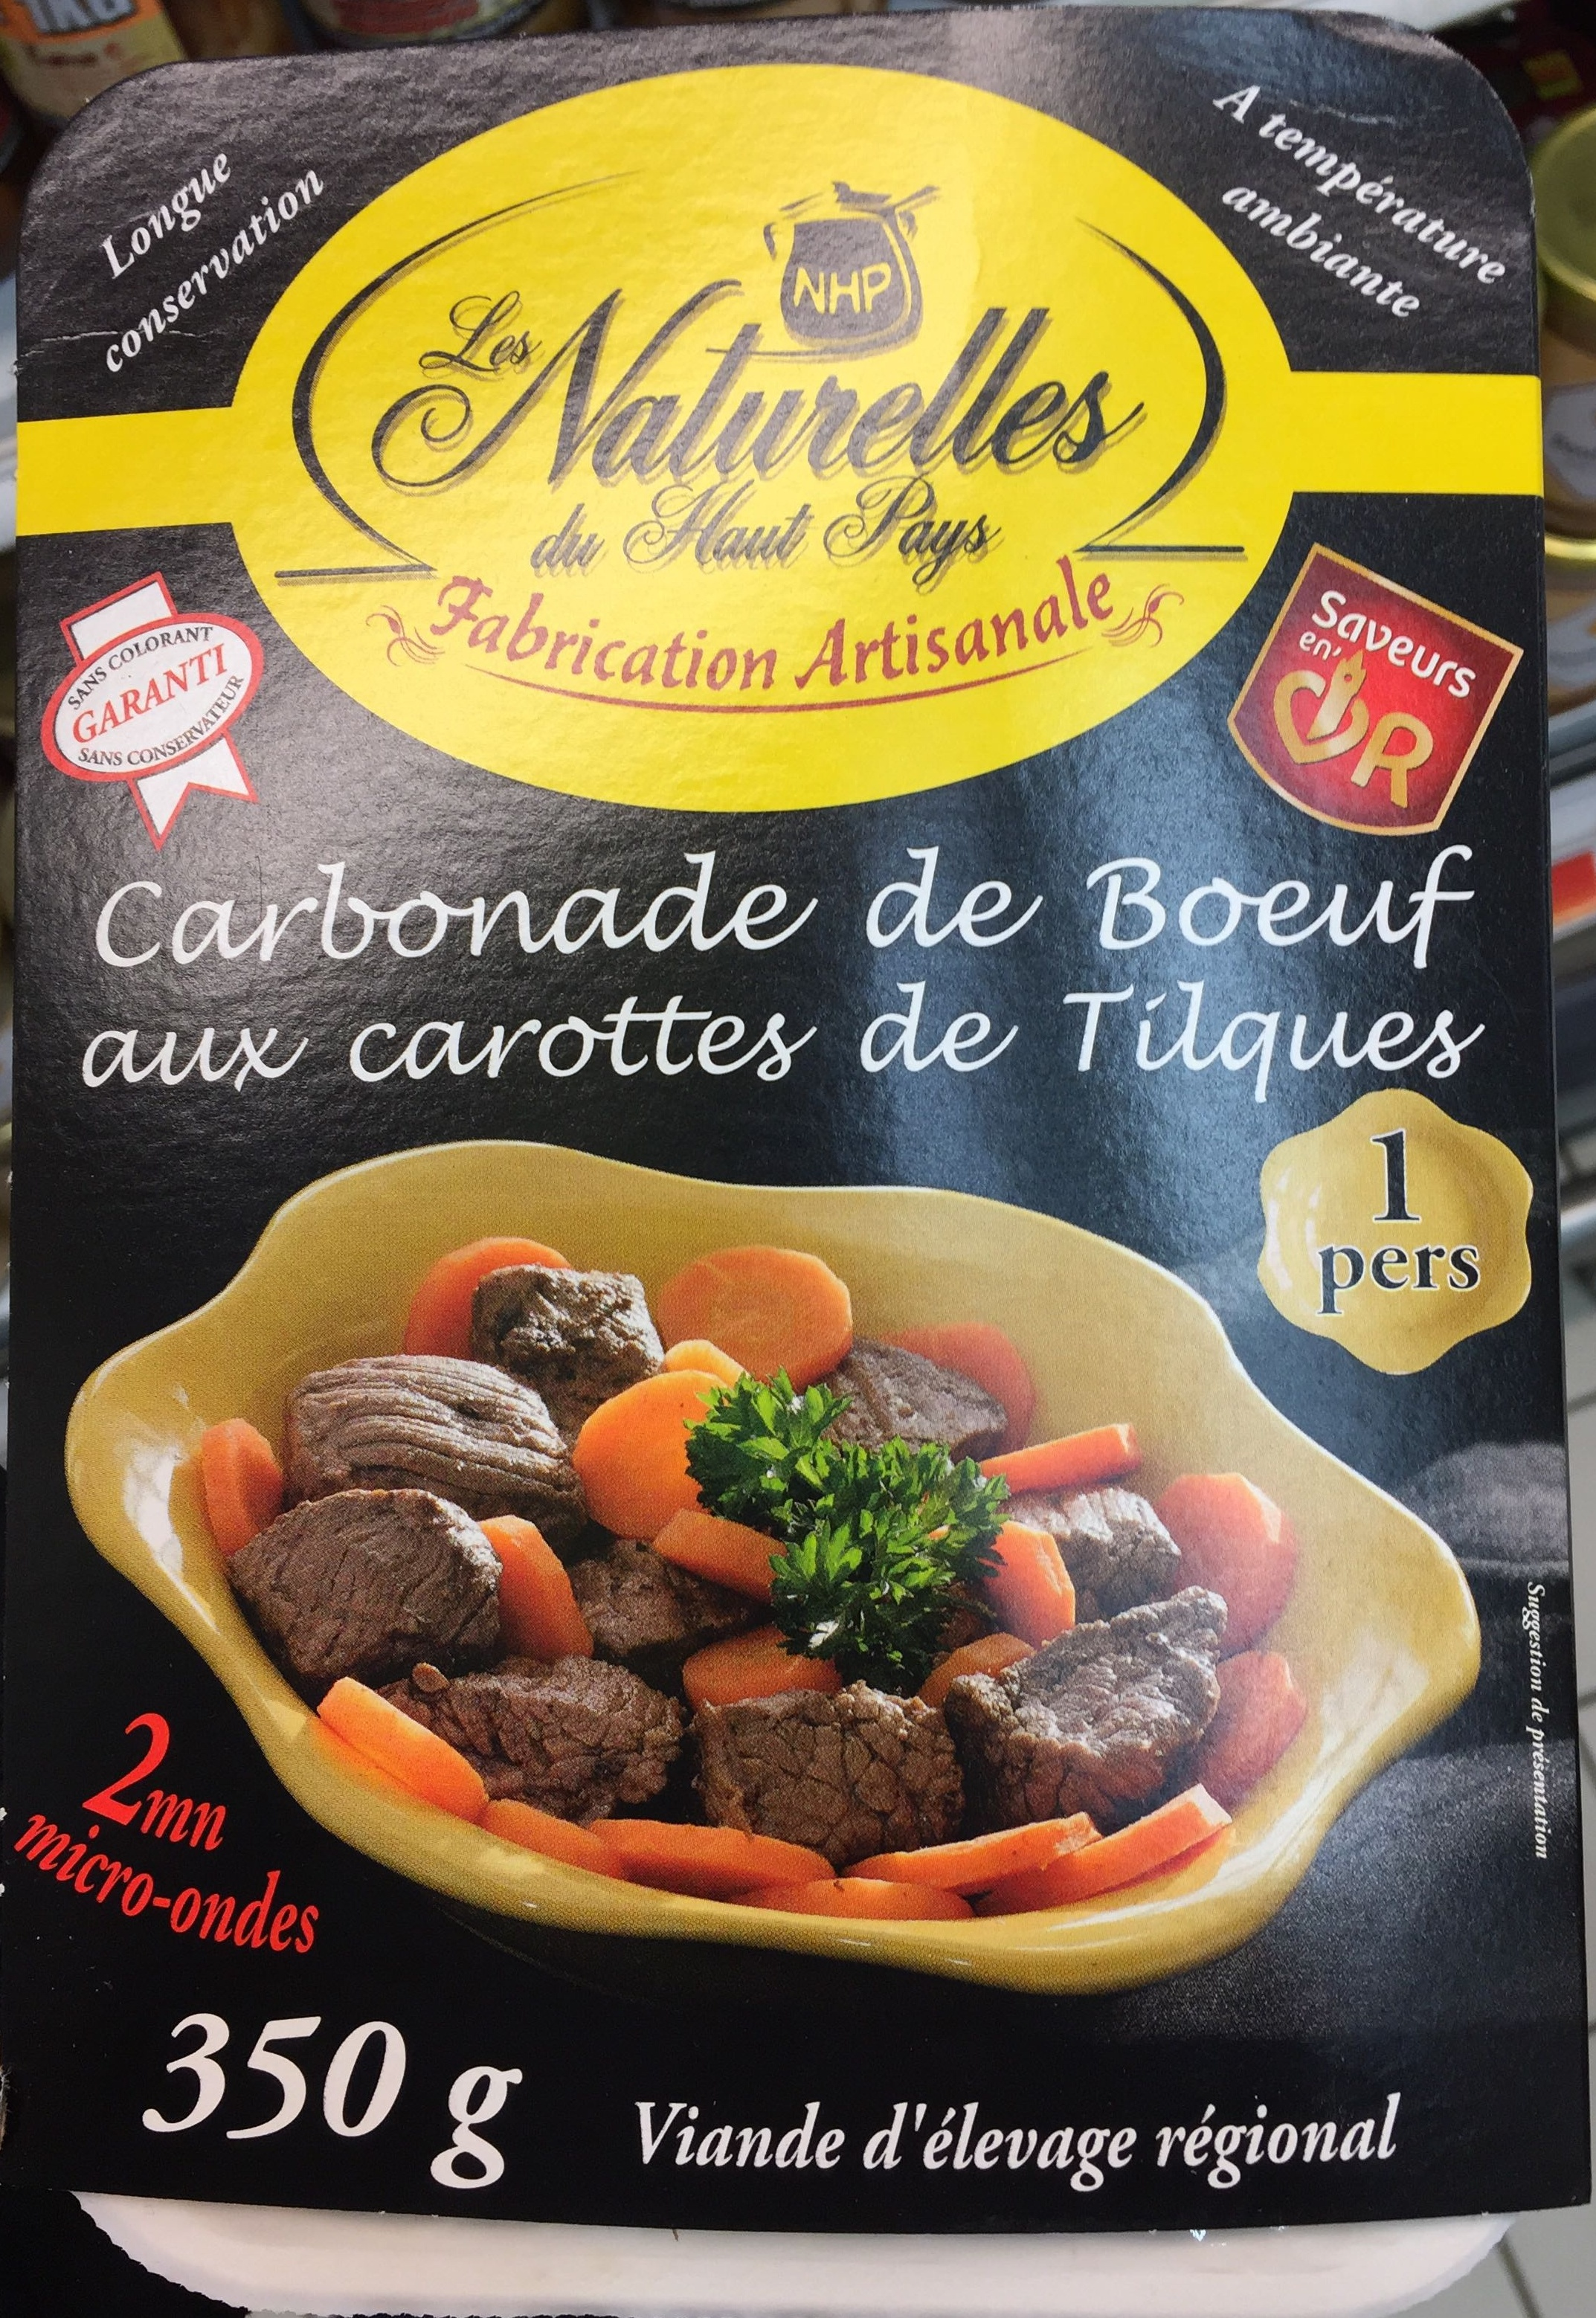 Carbonade de Boeuf aux carottes de Tilques - Produit